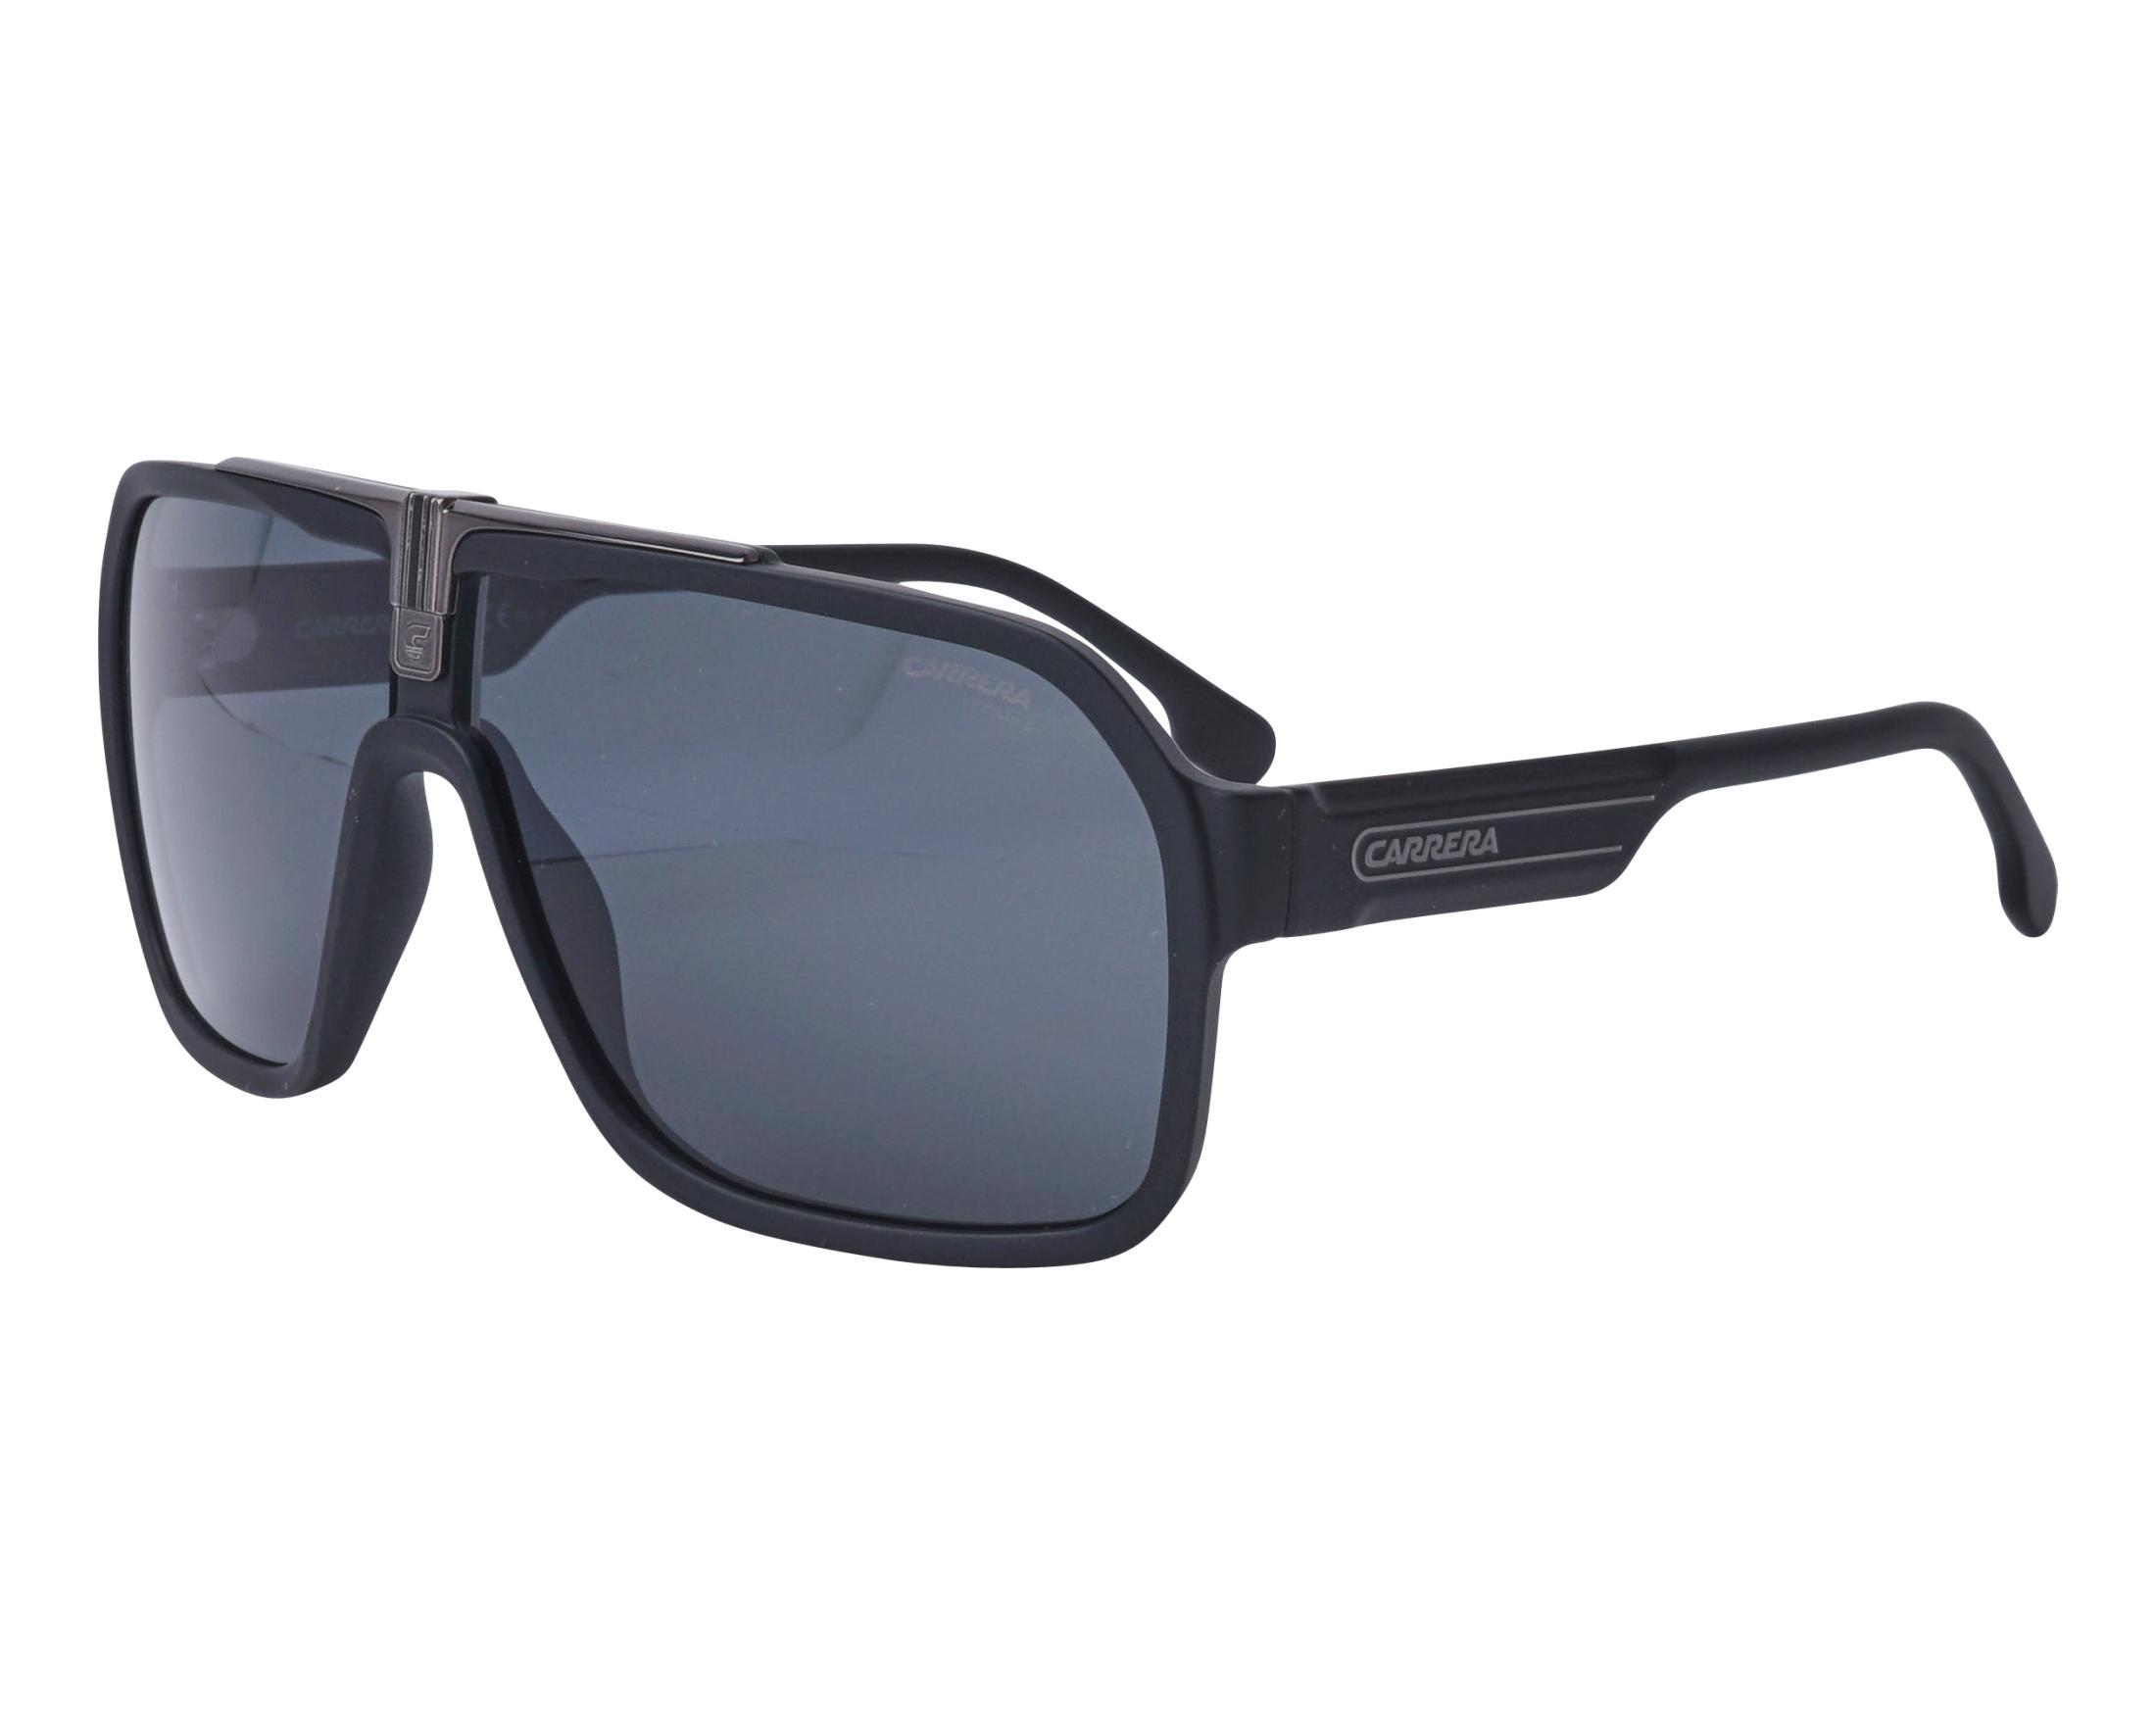 295328c700 Gafas de sol Carrera 1014-S 0032K 64-10 Negra Gun vista de perfil